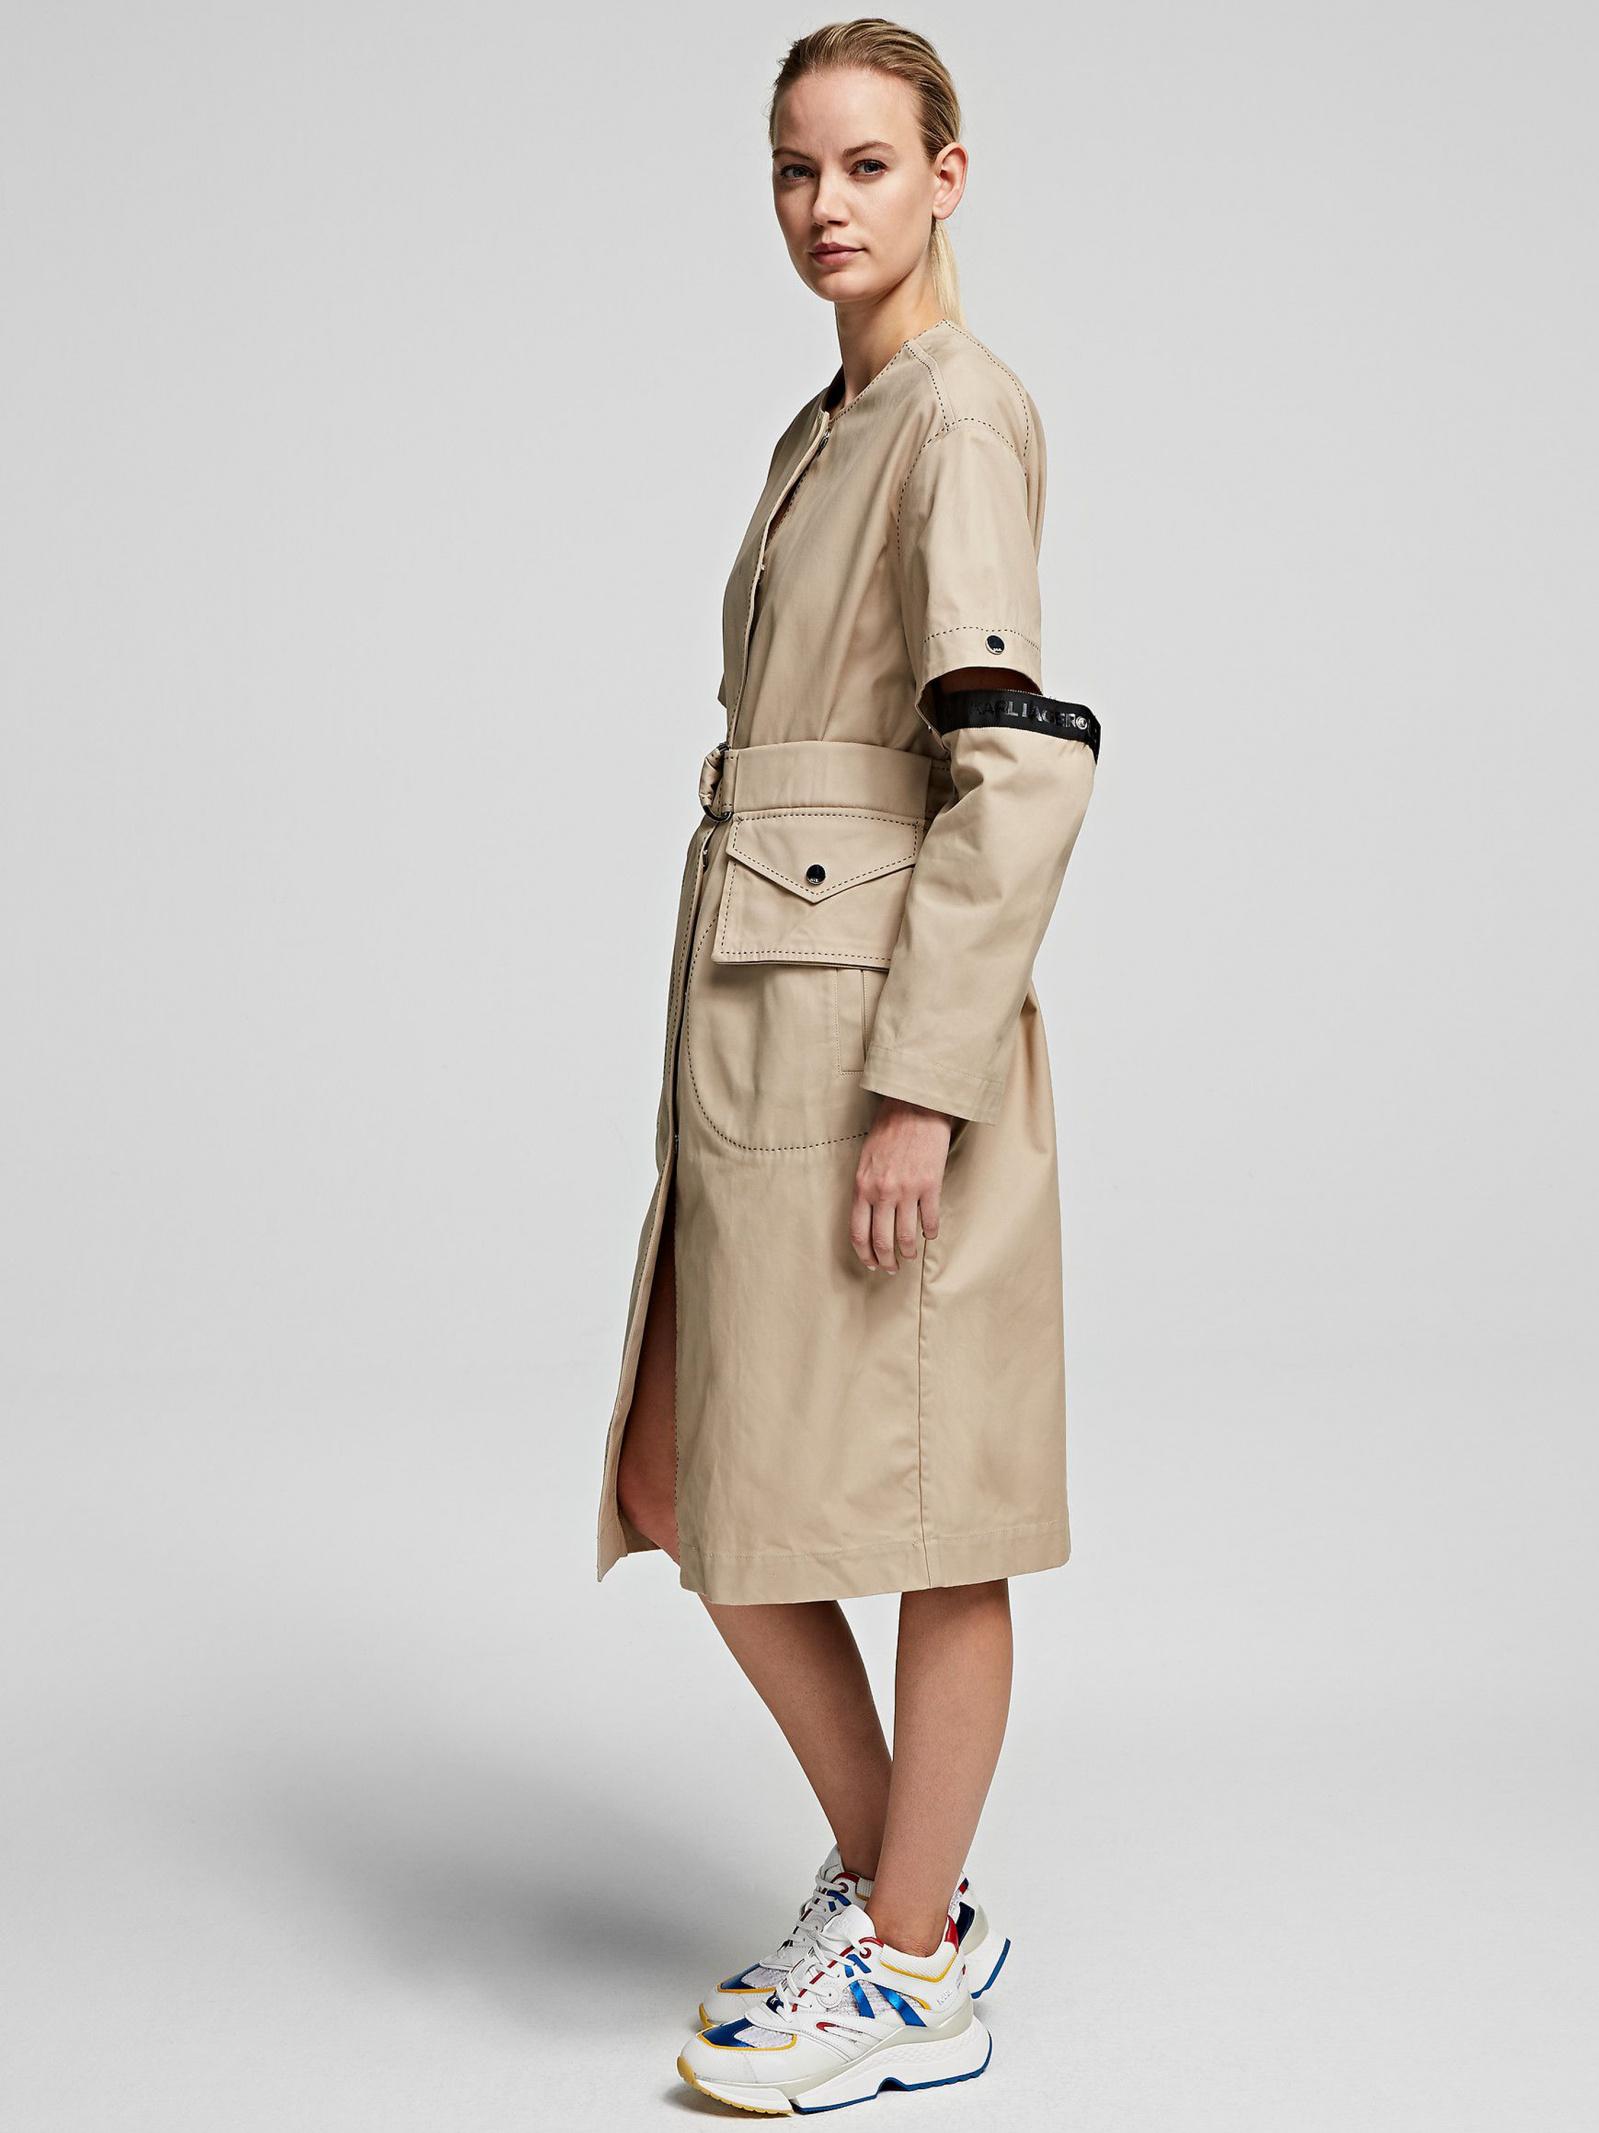 Karl Lagerfeld Плащ жіночі модель 201W1503_771_0041 купити, 2017